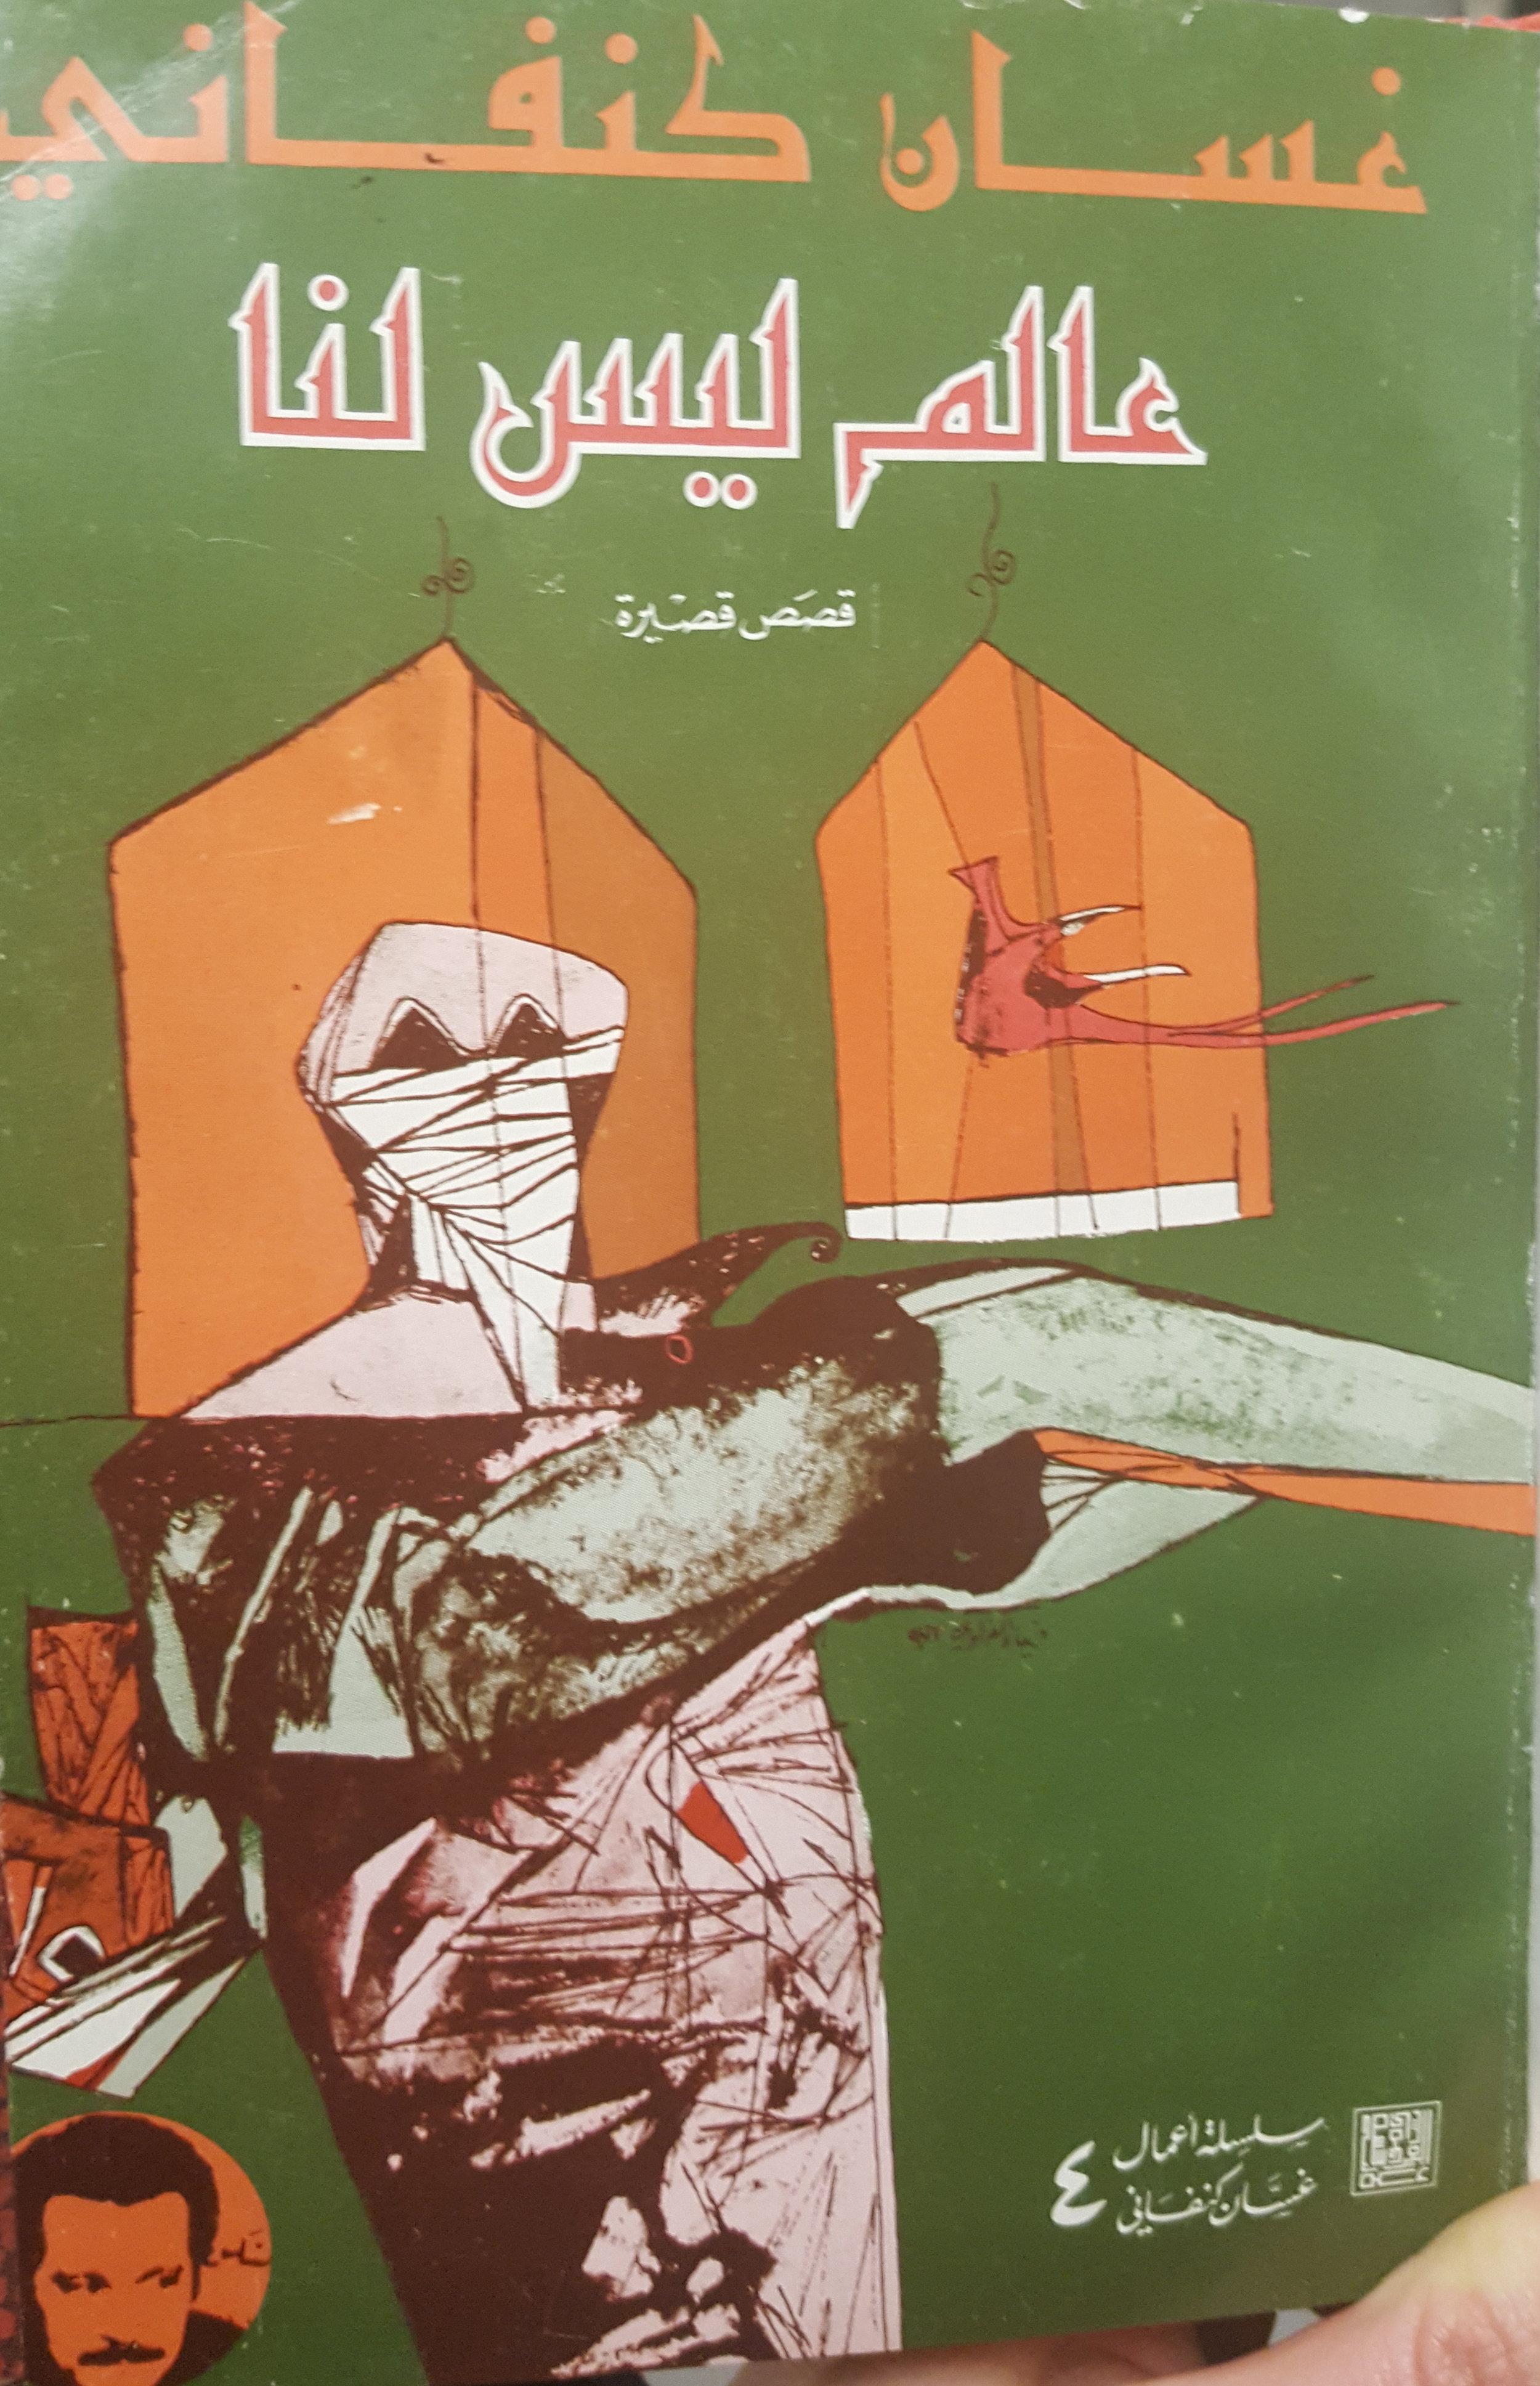 By Ghassān Kanafānī (Bayrūt, Lubnān : Mu'assasat al-Abḥāth al-ʻArabiyyah : Mu'assasat Ghassān Kanafānī al-Thaqāfiyyah, 1980).